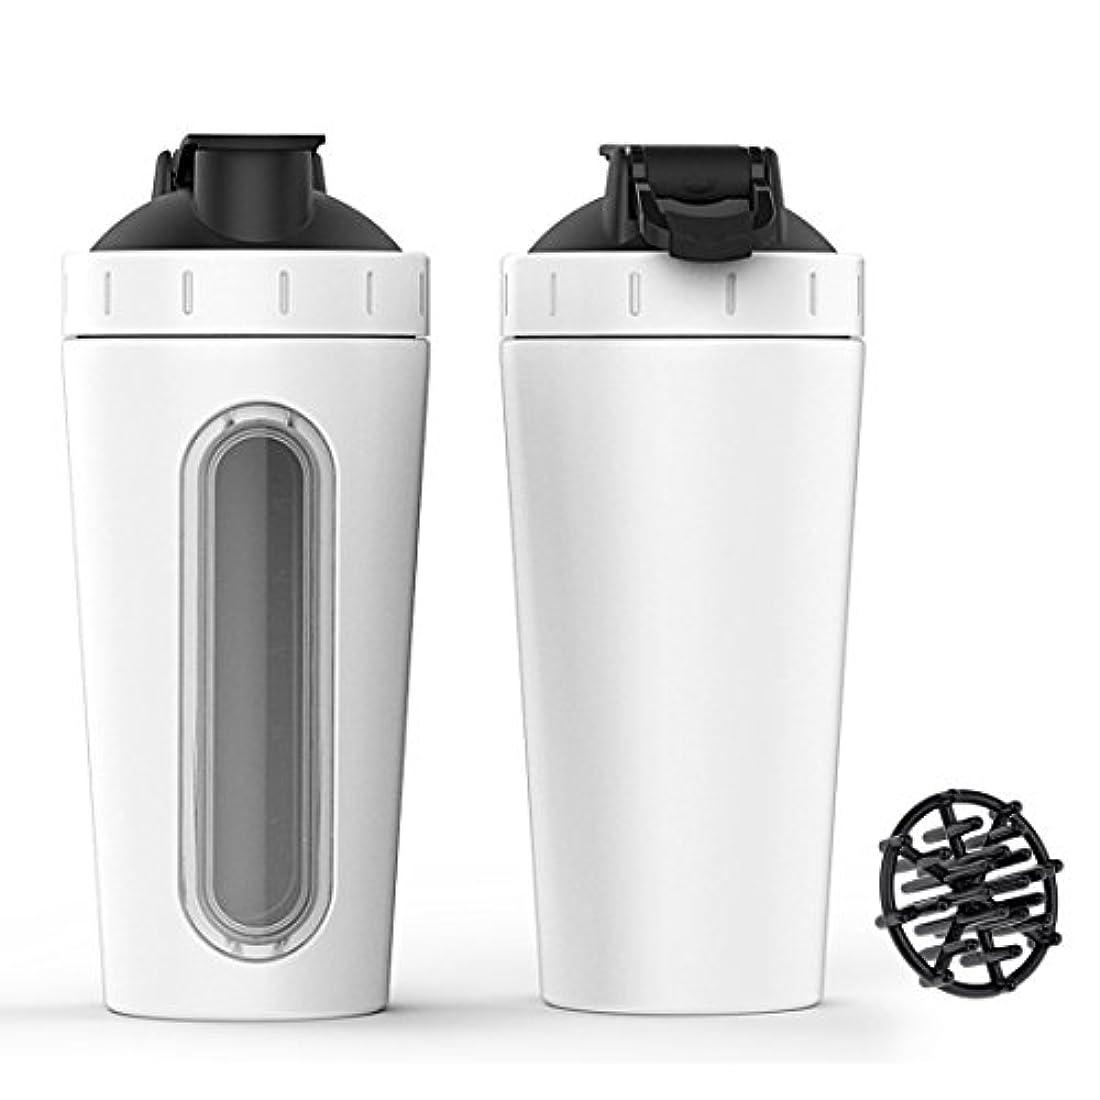 スマートからパケットステンレススチール スポーツウォーターボトル プロテインミルクセーキーシェーカーカップ 可視ウィンドウ ホワイト